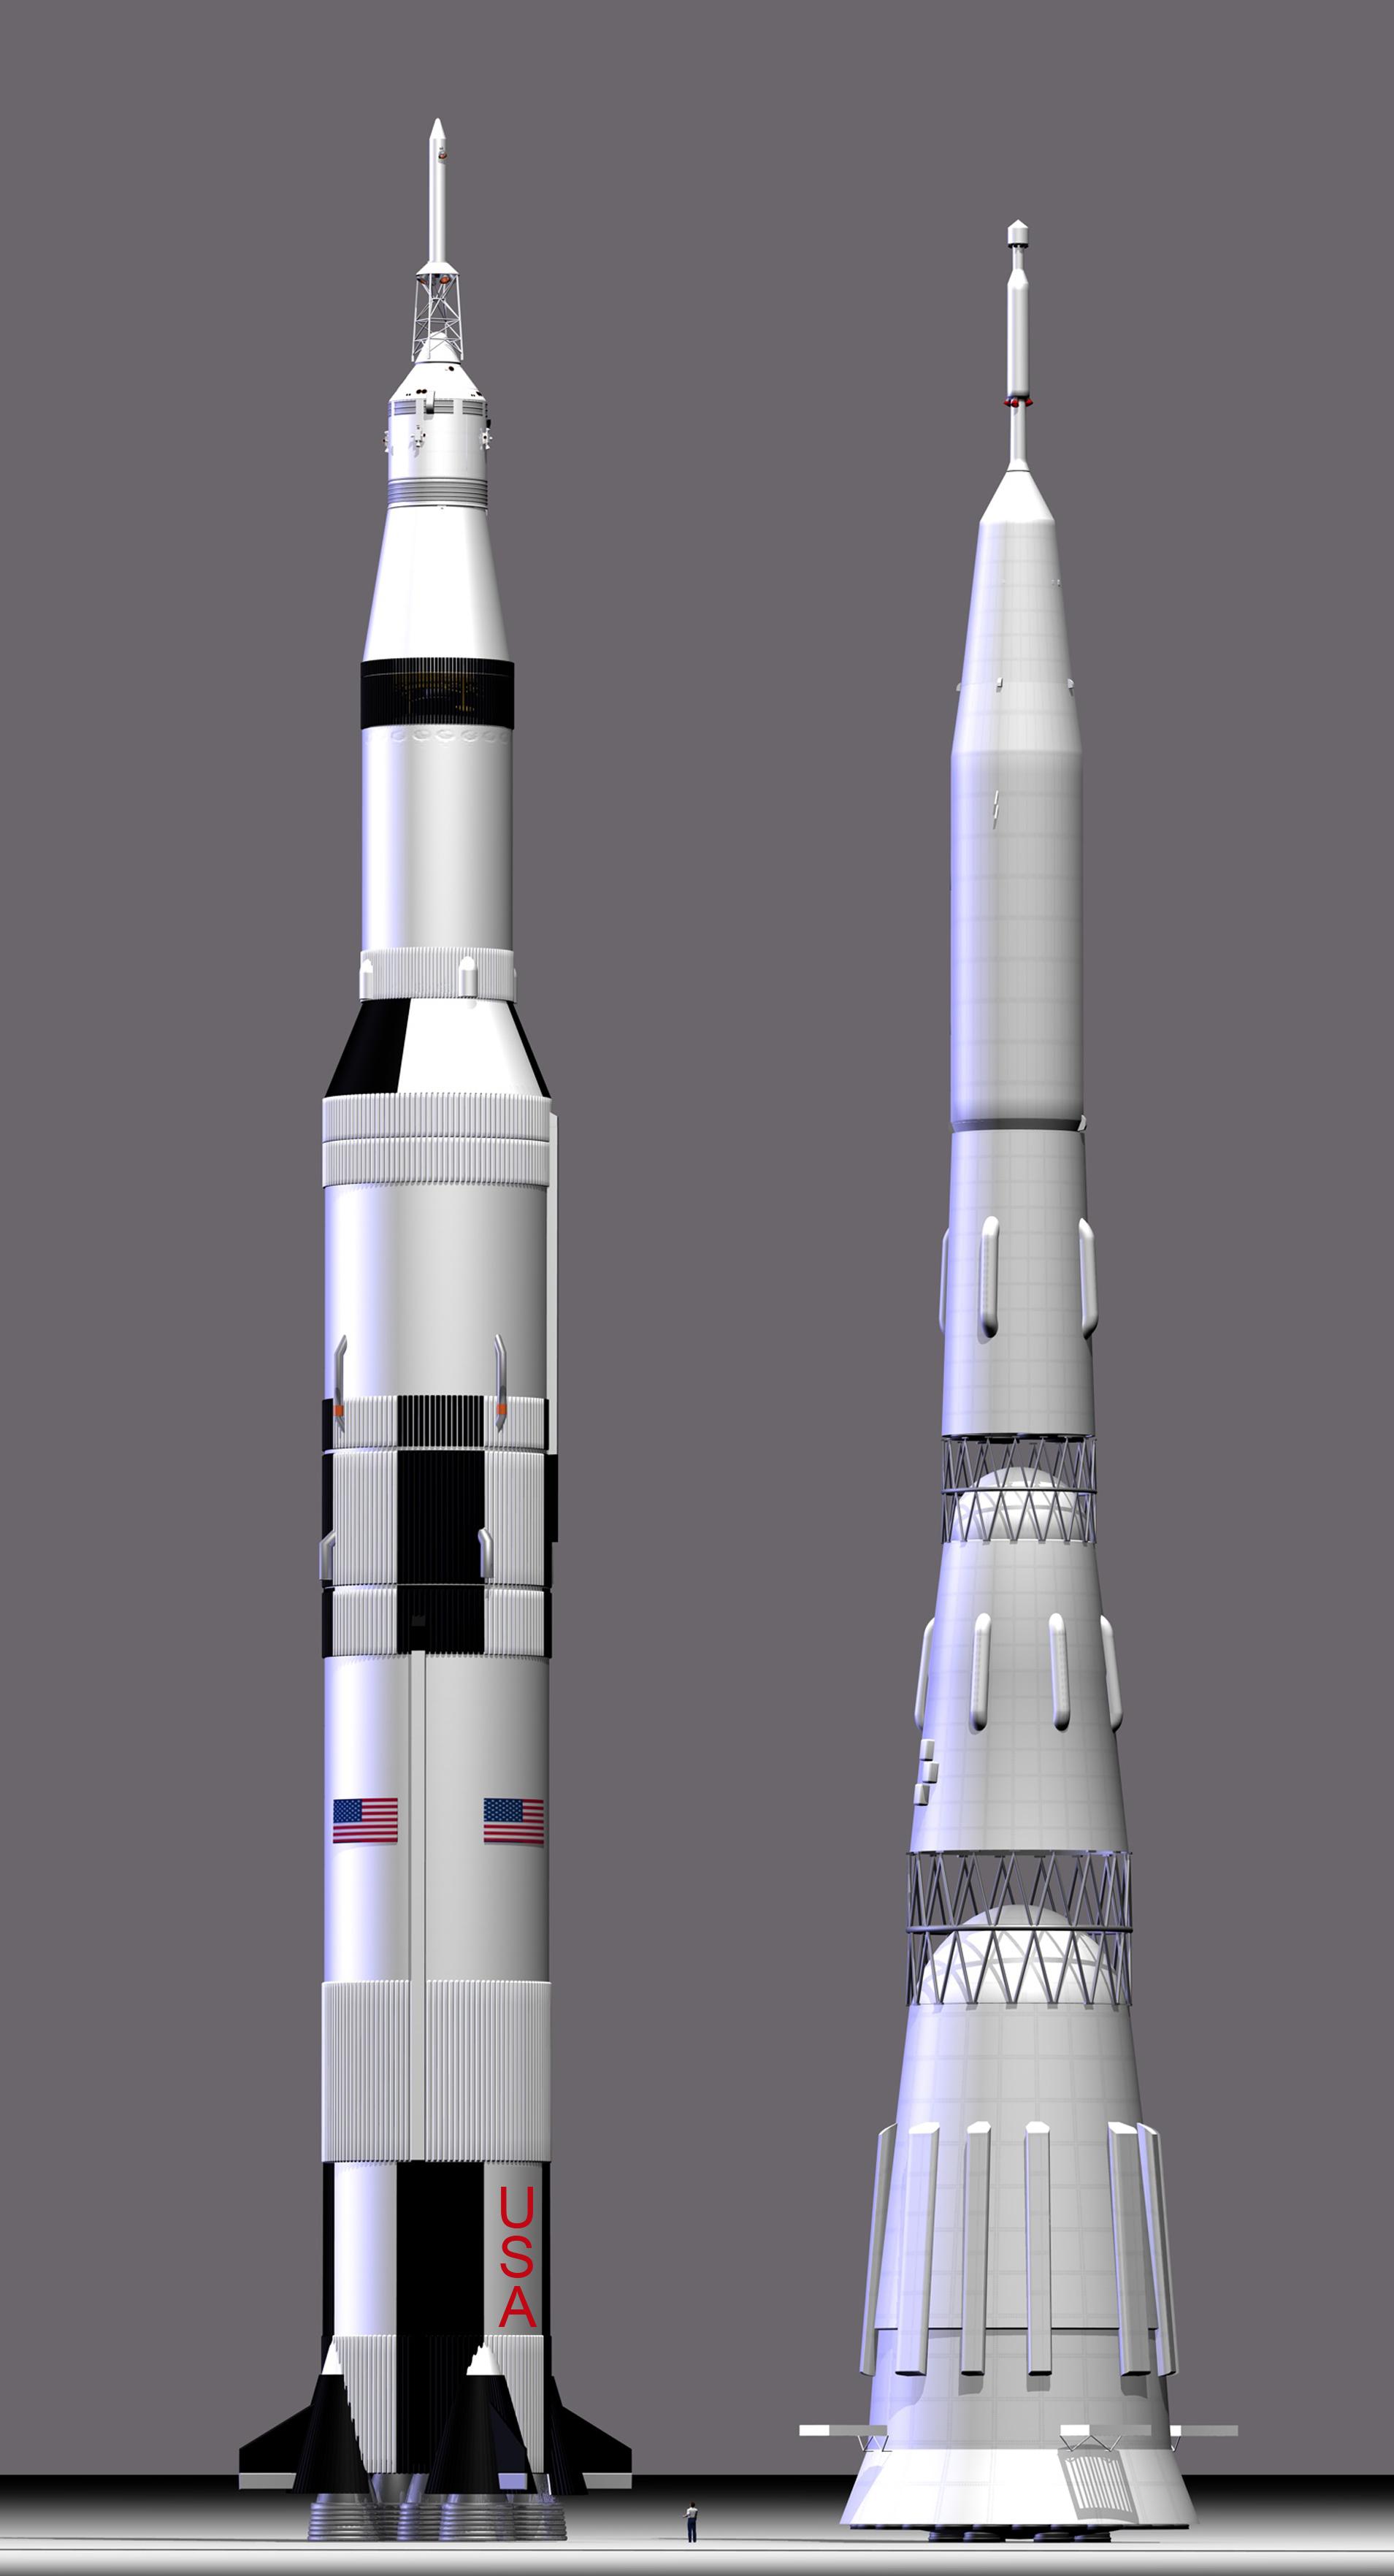 apollo 13 rocket parts - photo #45